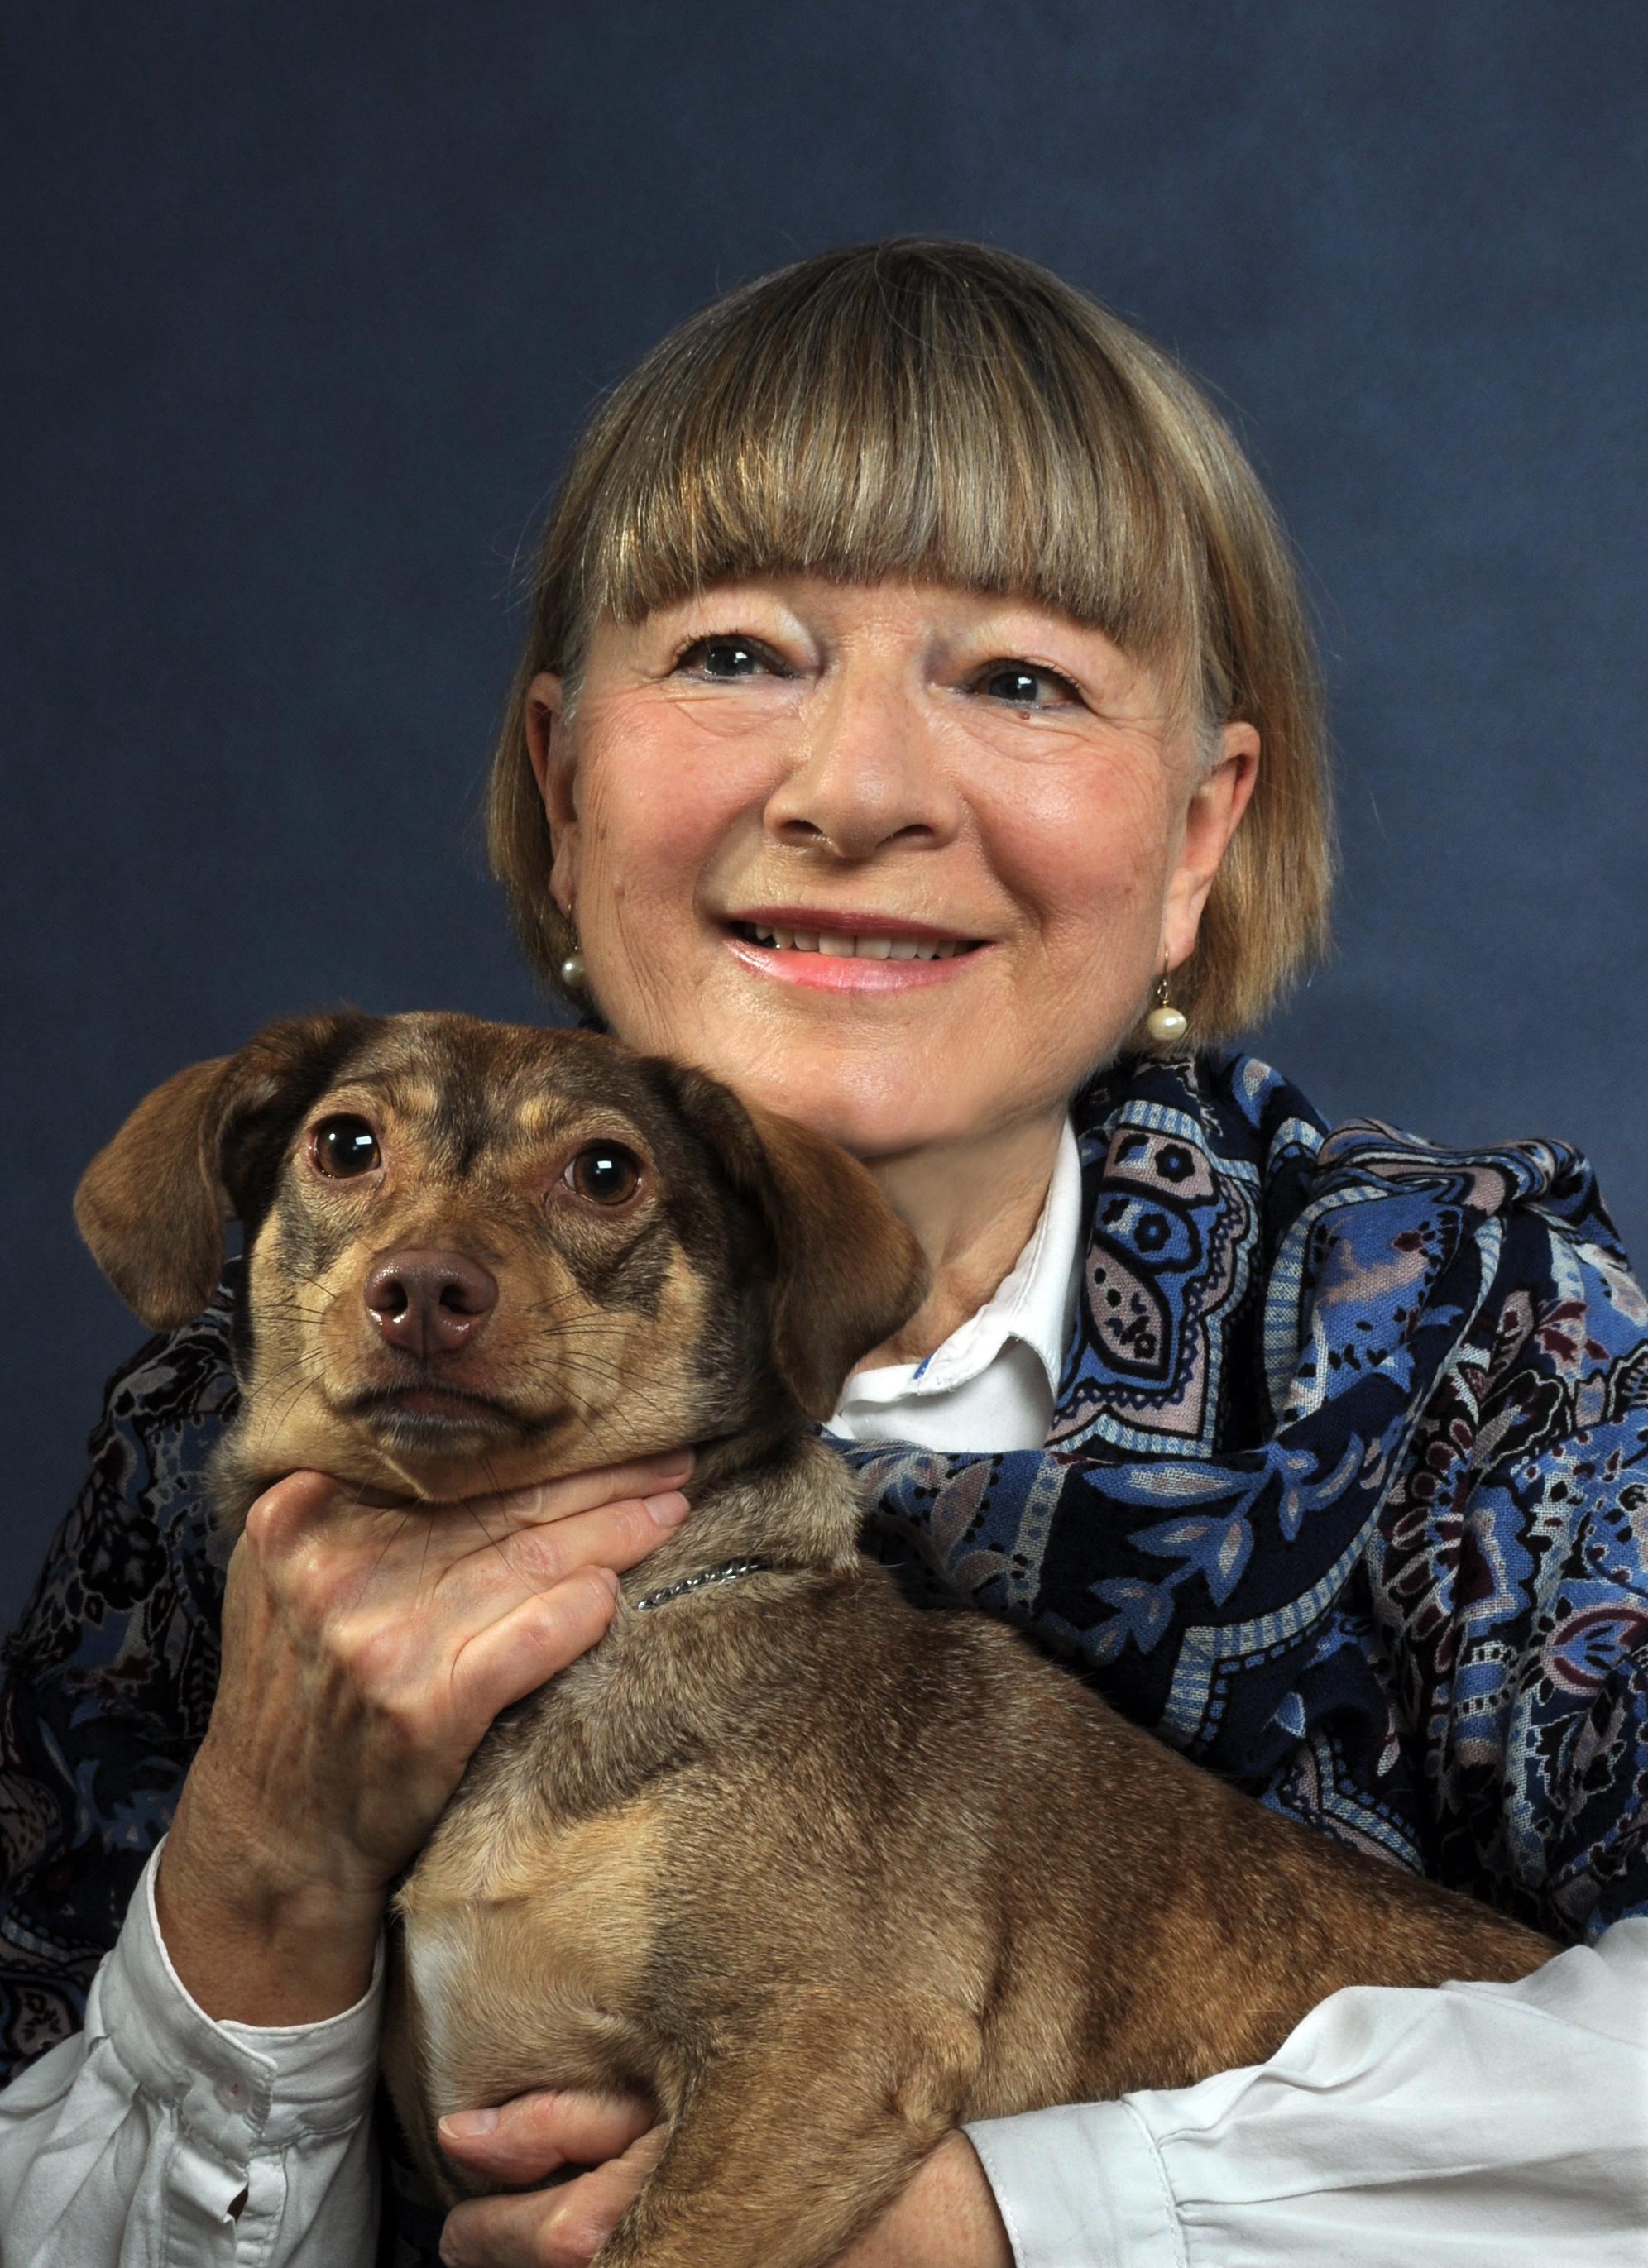 Agnieszka Metelska fot. z archiwum autorki